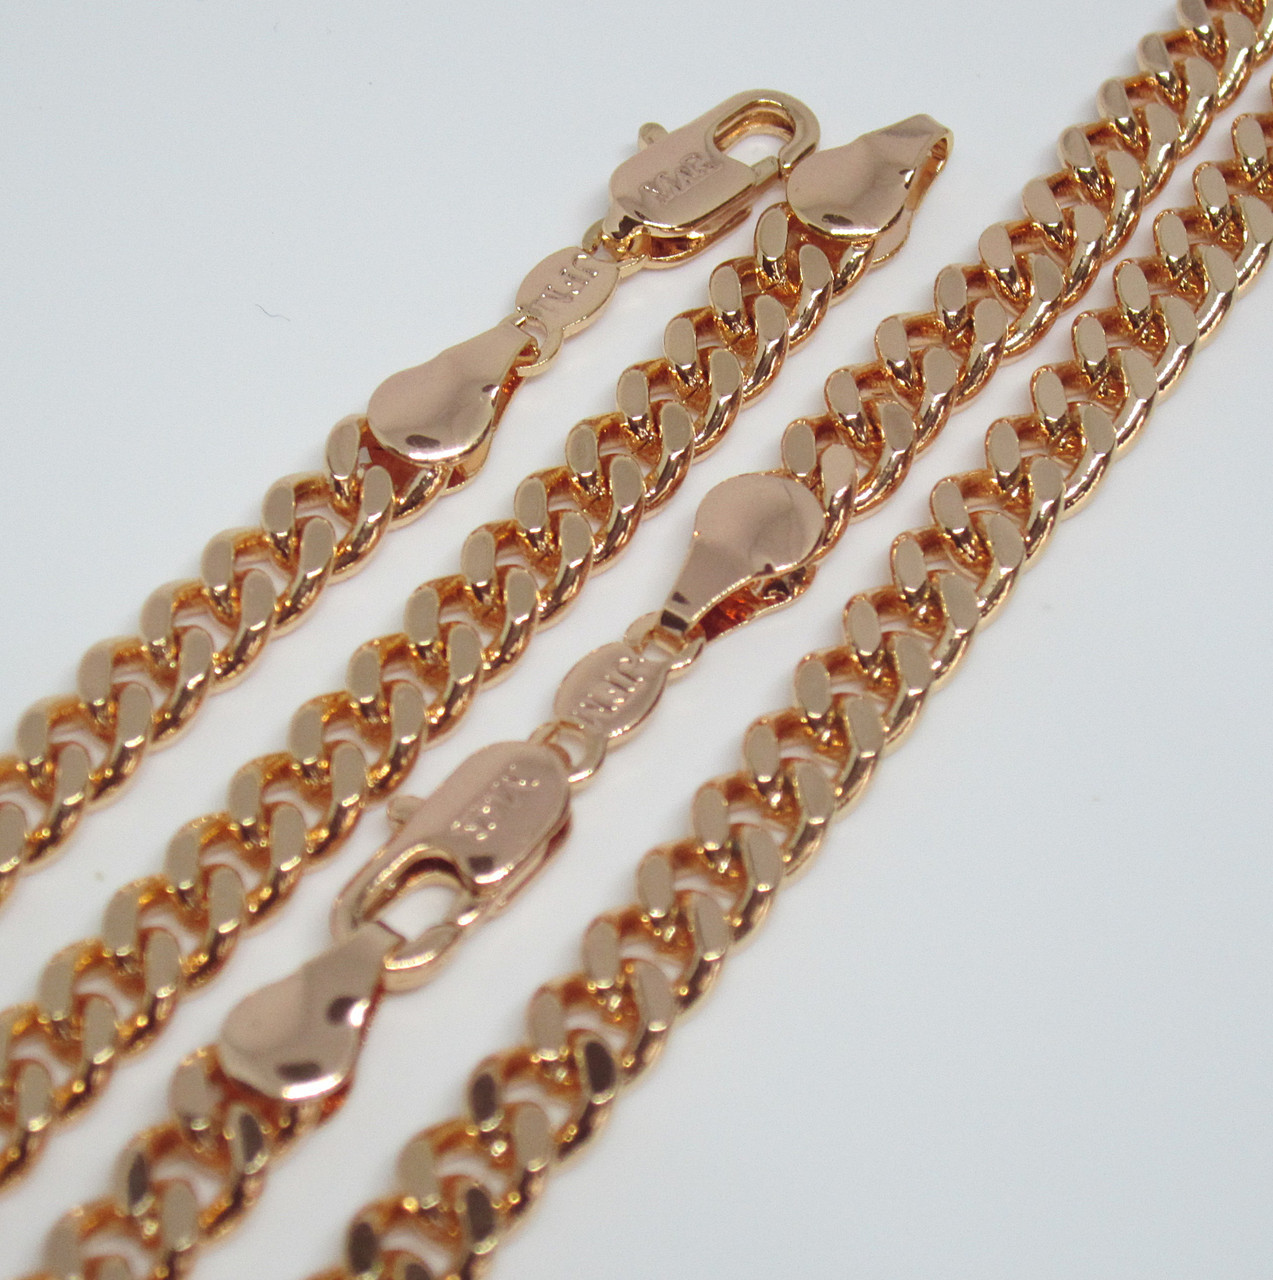 Цепочка+ браслет плетение Панцирное 56 см H-5 мм браслет 20 см под советское золото